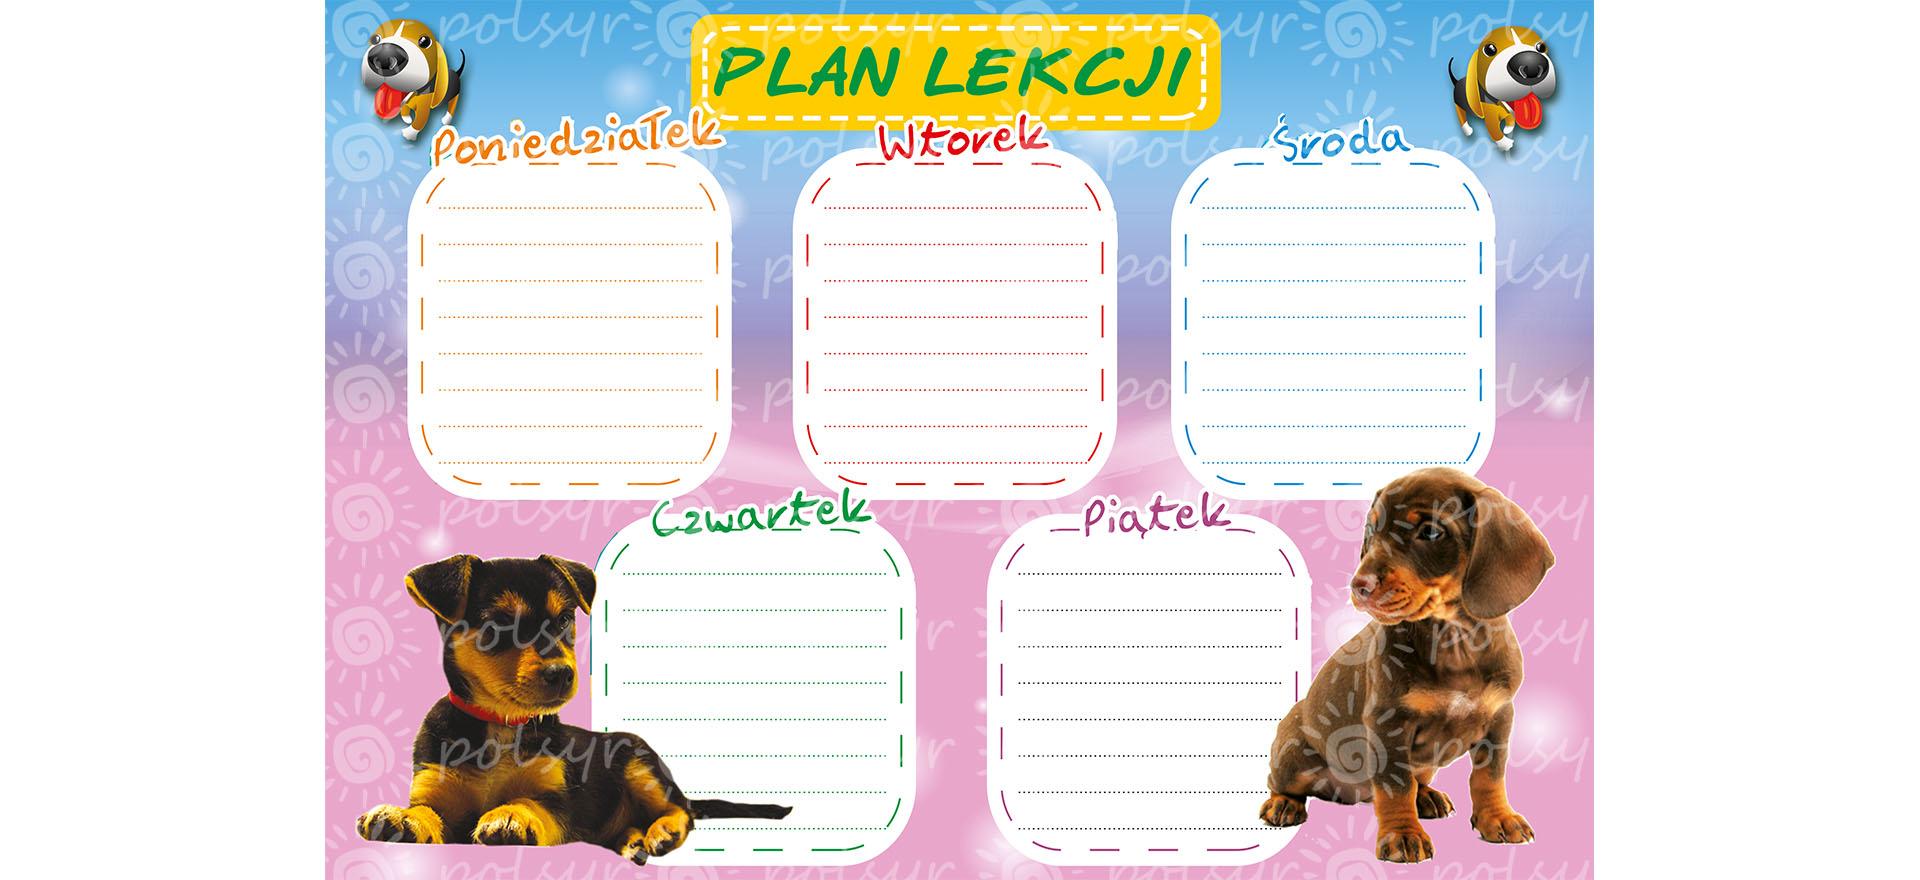 plan_lekcji-duzy-polsyr-11